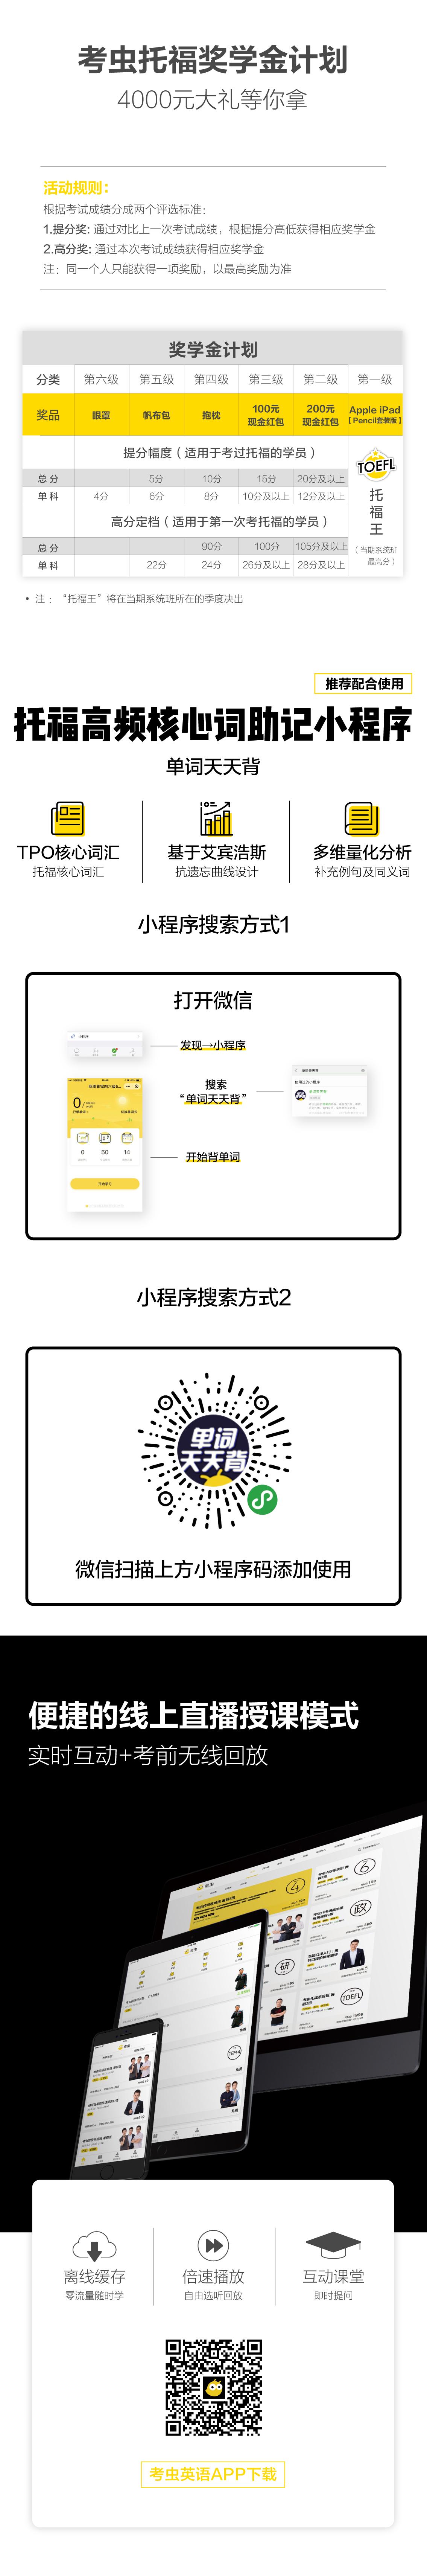 1寒假班详情页3-100.jpg